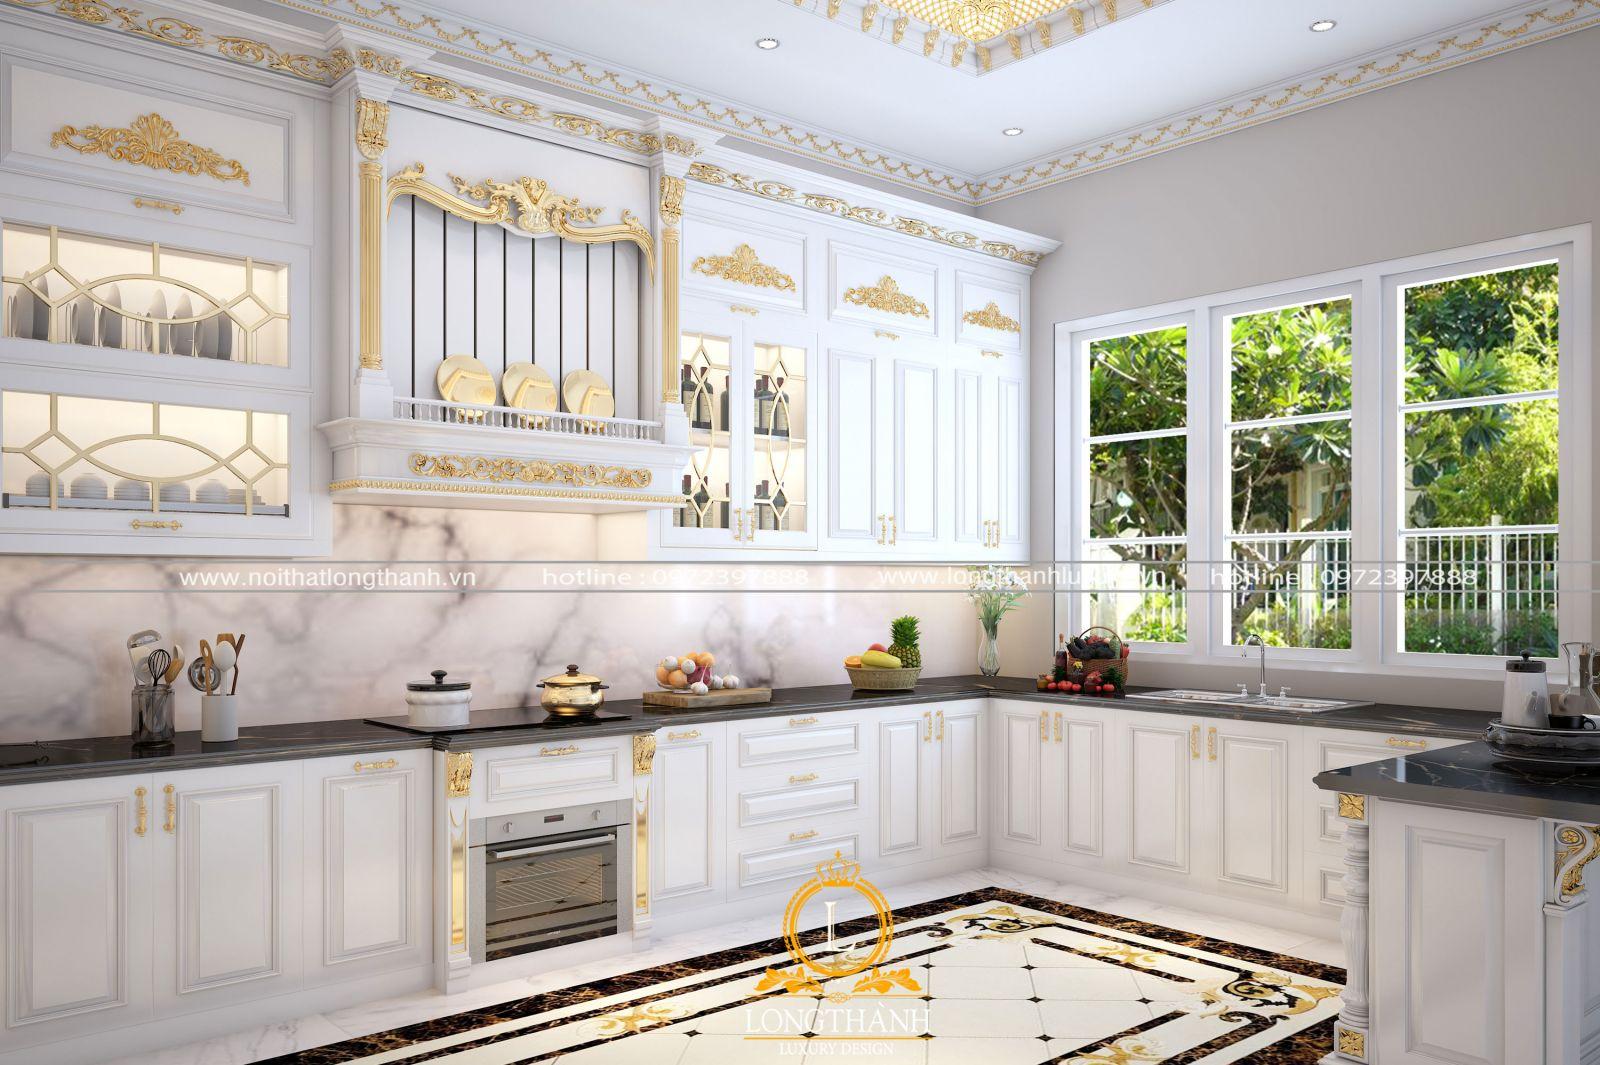 Thiết kế tủ bếp gỗ tự nhiên sơm trắng với điểm nhấn ở khu hút mùi ấn tượng